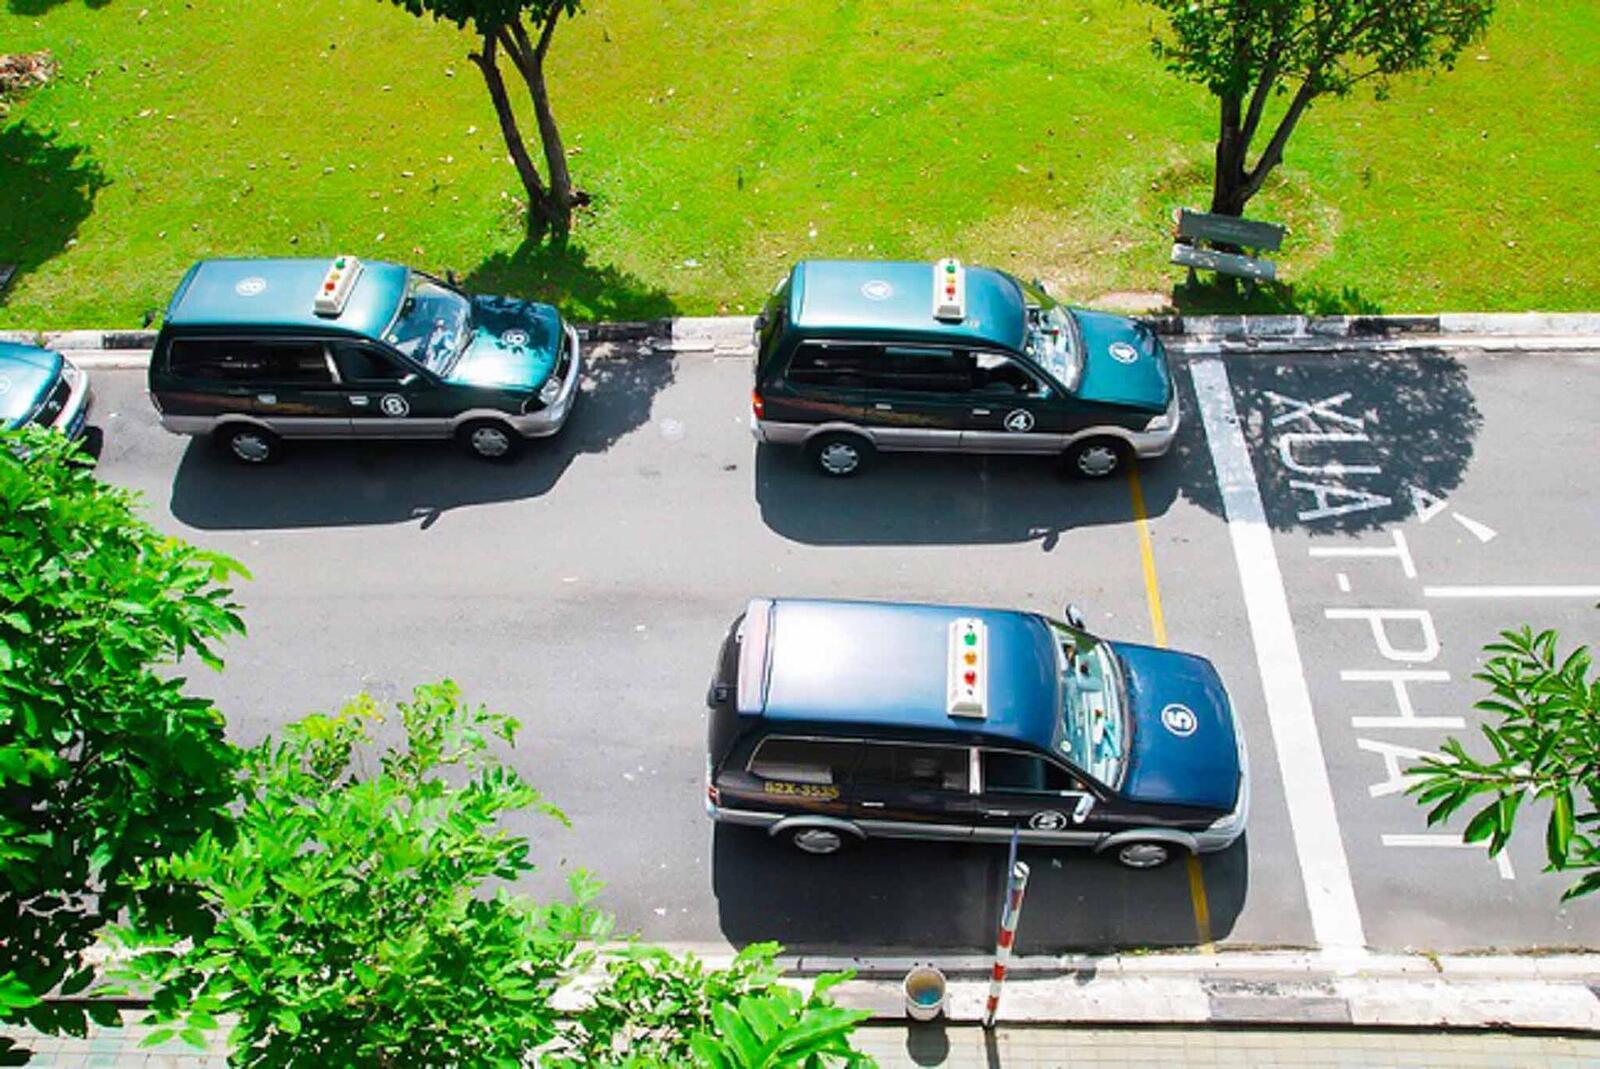 Mang điện thoại khi sát hạch lái xe sẽ bị đánh trượt và cấm thi 05 năm - Hình 2